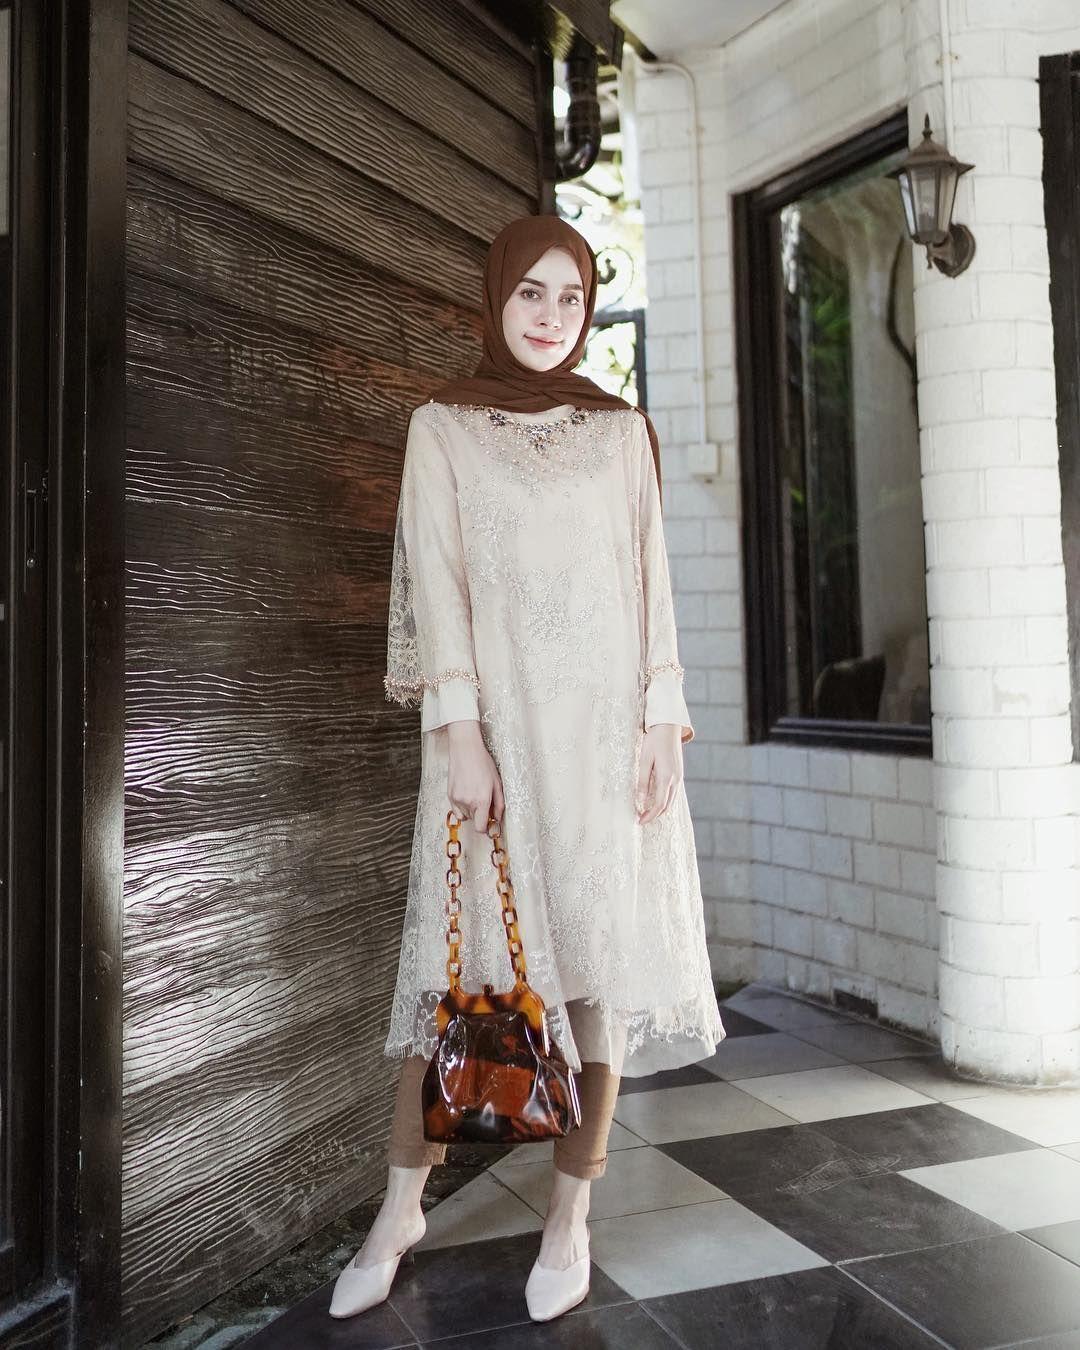 Tampil Anggun, Ini Dia 9 Inspirasi Busana untuk Bridesmaid